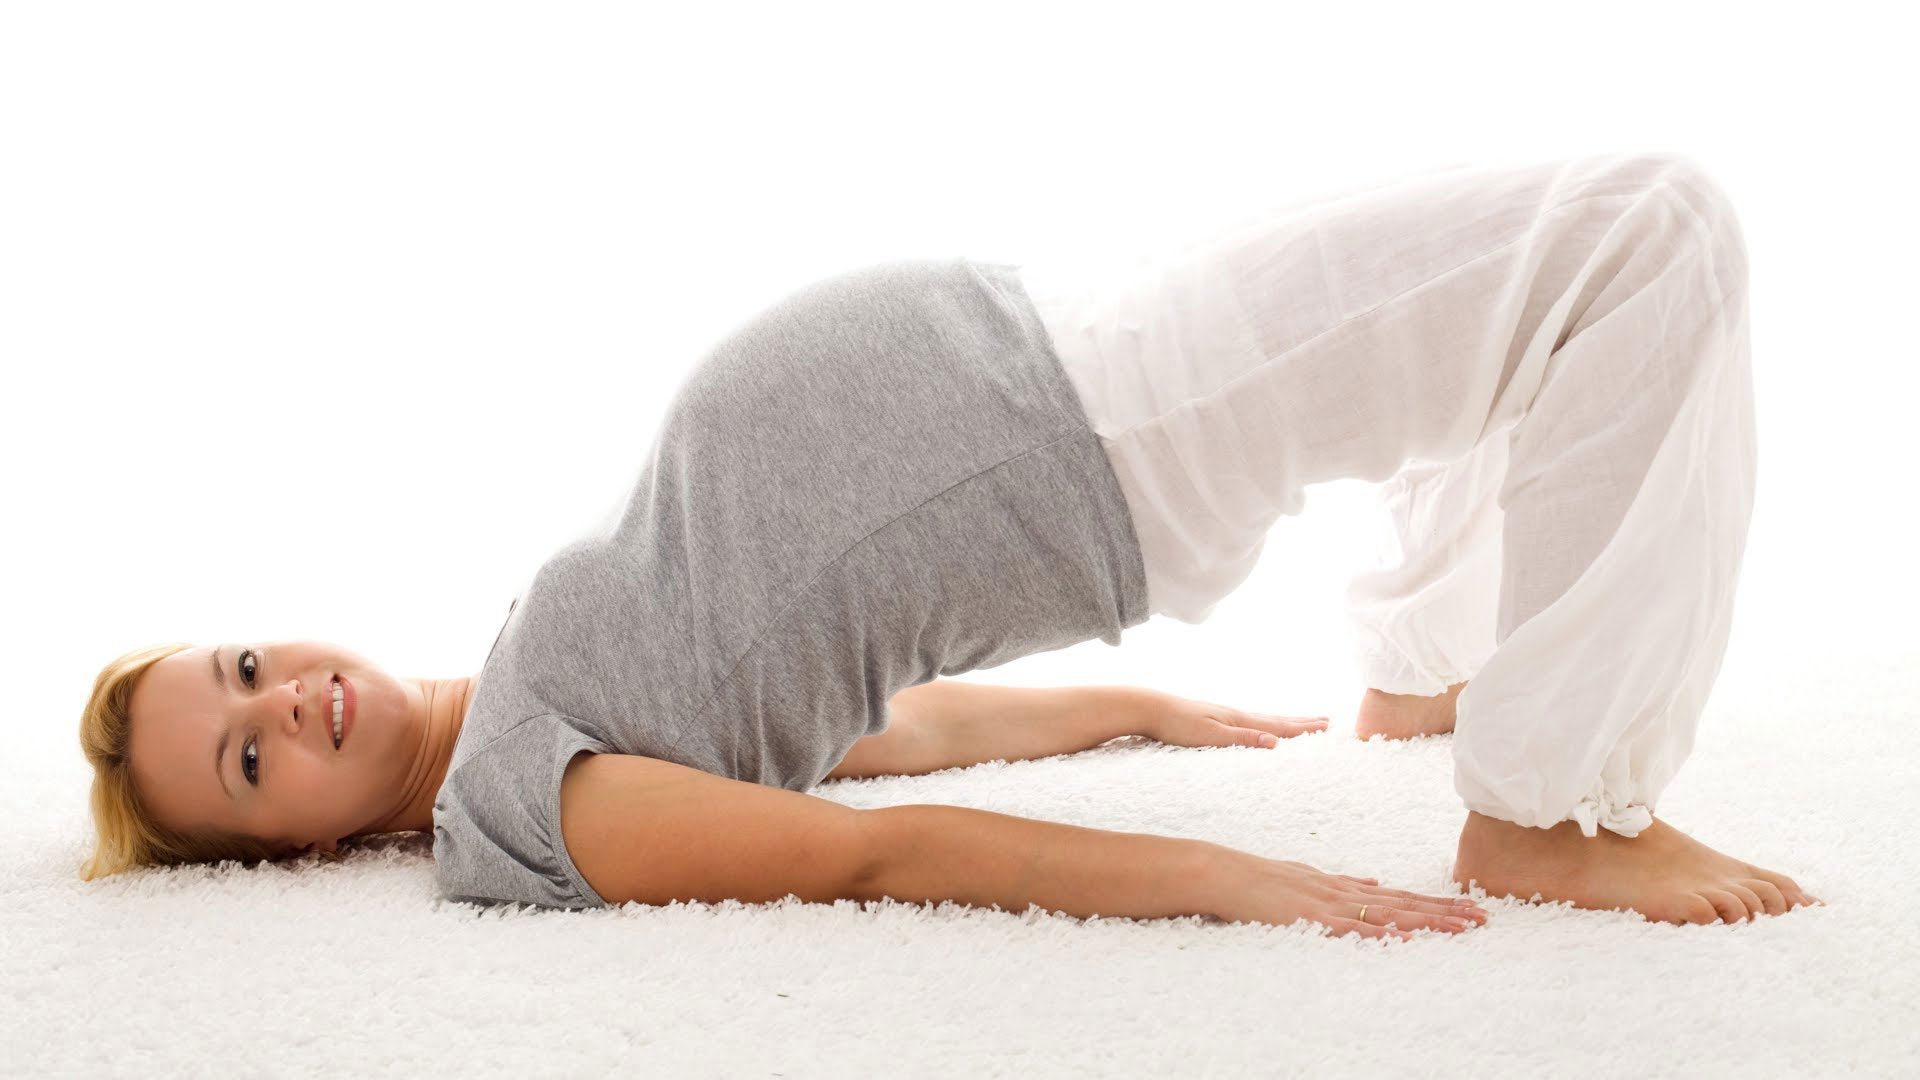 Второй триместр беременности: самочувствие, питание, проблемы. Полезные советы